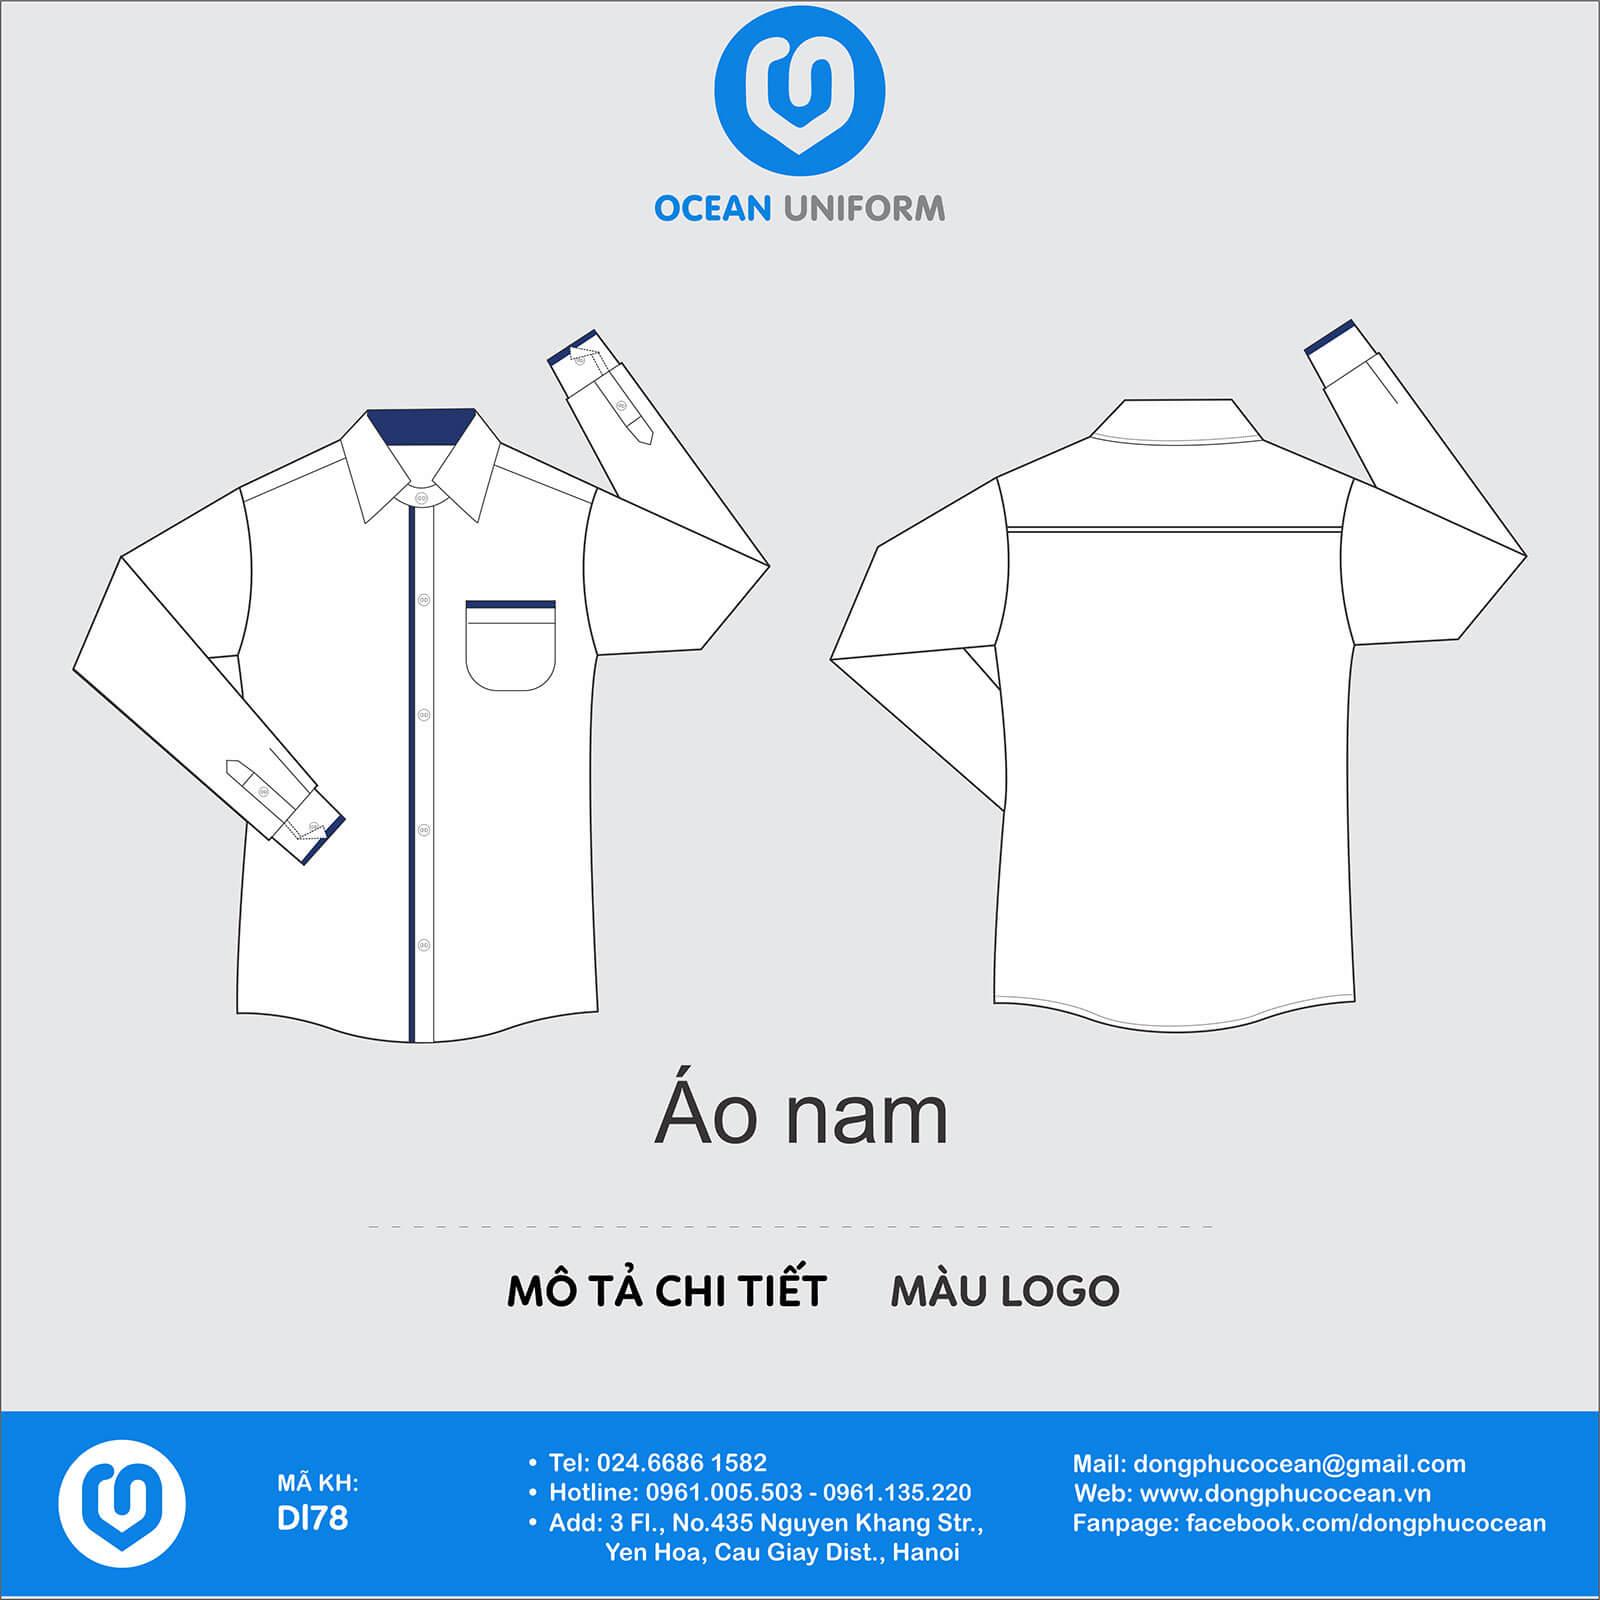 Đồng phục áo sơ mi DL78 nam